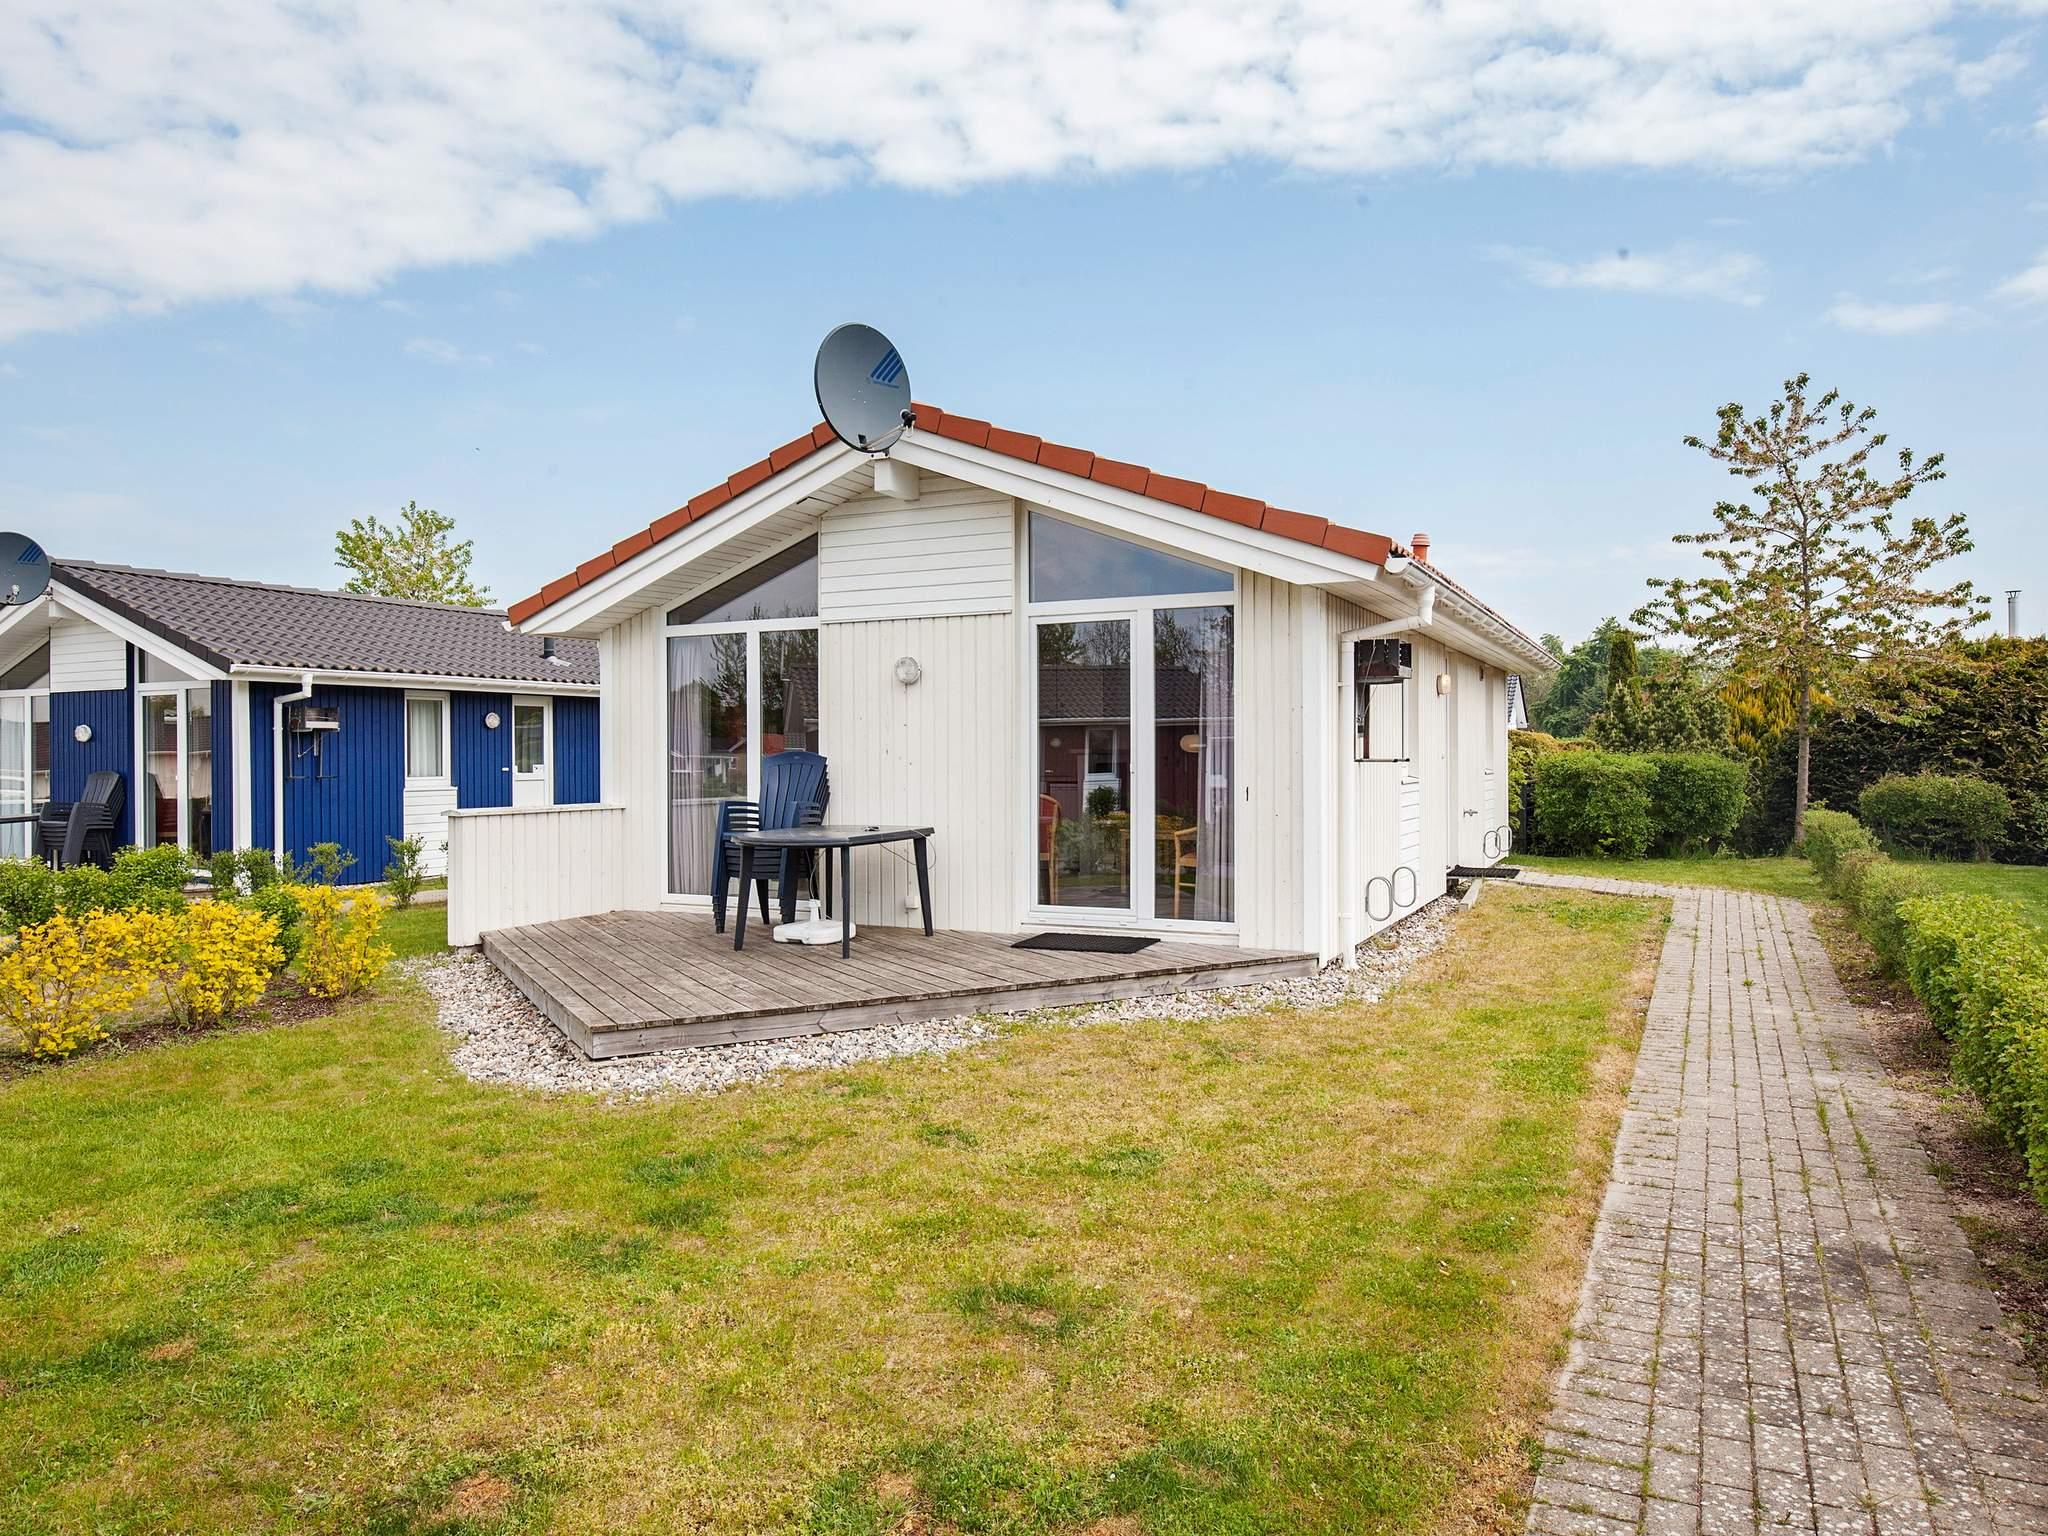 Maison de vacances Grömitz (436444), Grömitz, Baie de Lübeck, Schleswig-Holstein, Allemagne, image 15